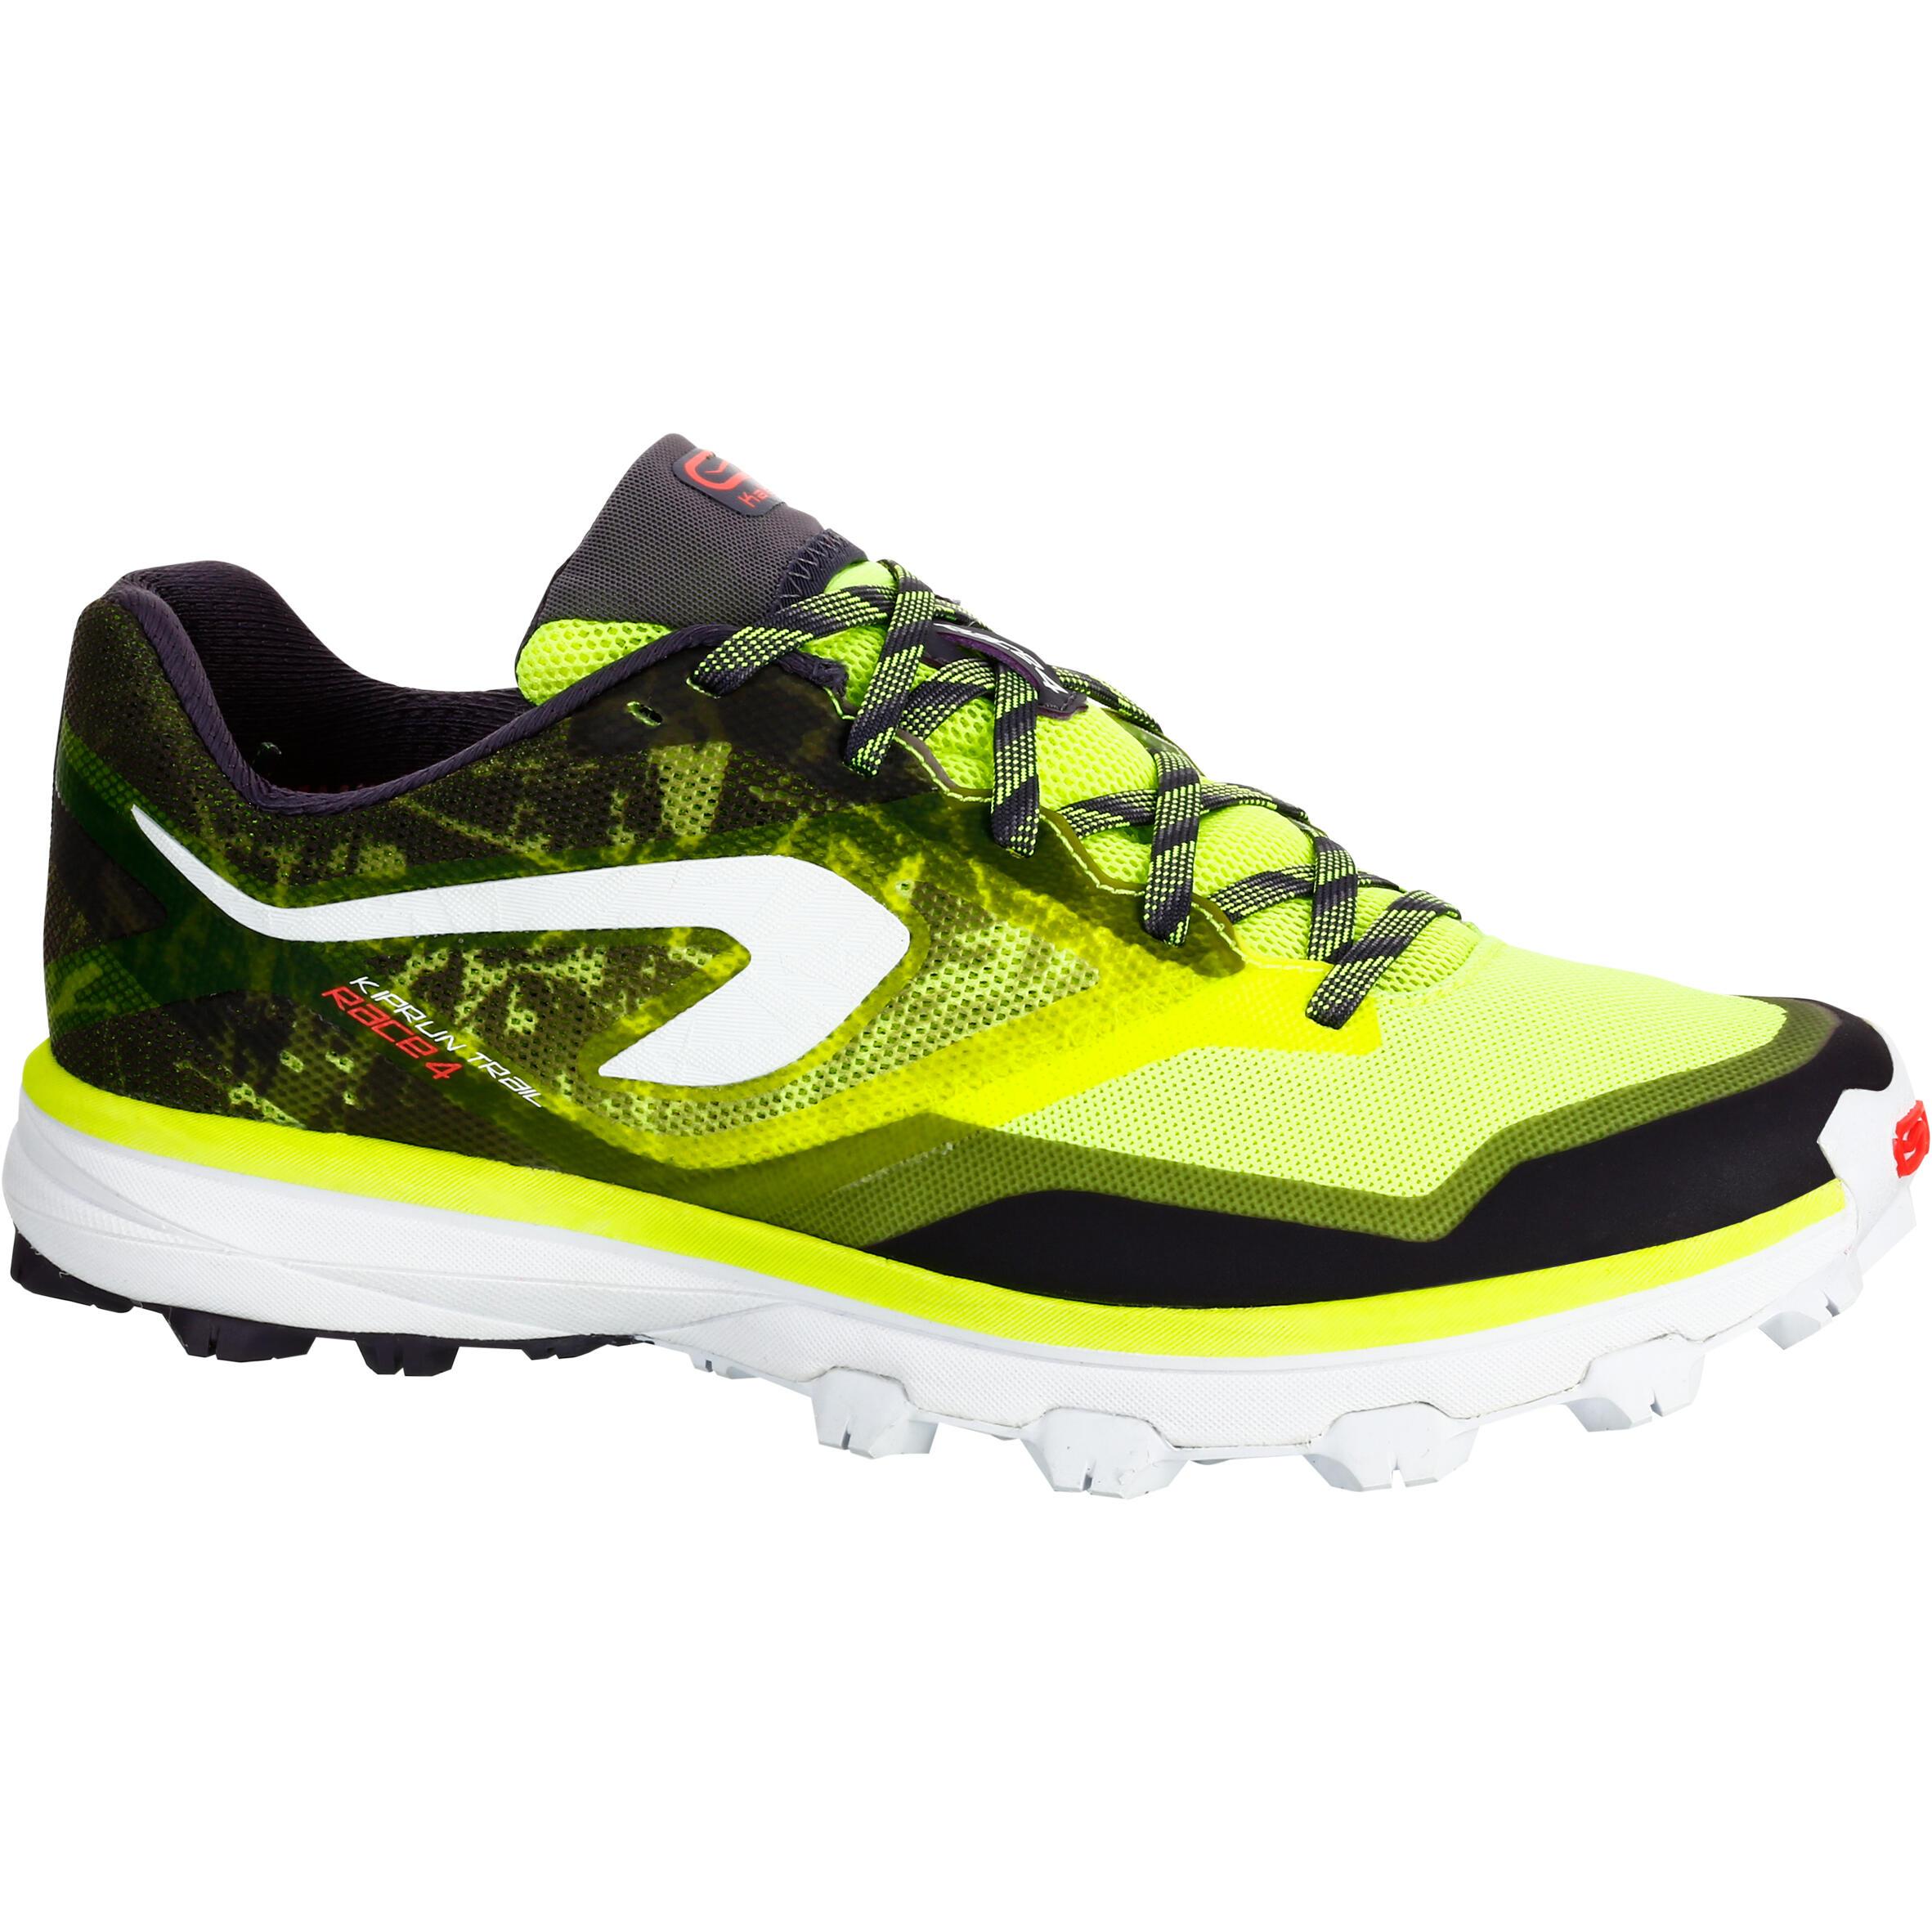 2500826 Kalenji Trailschoenen dames Kiprace Trail 4 geel zwart